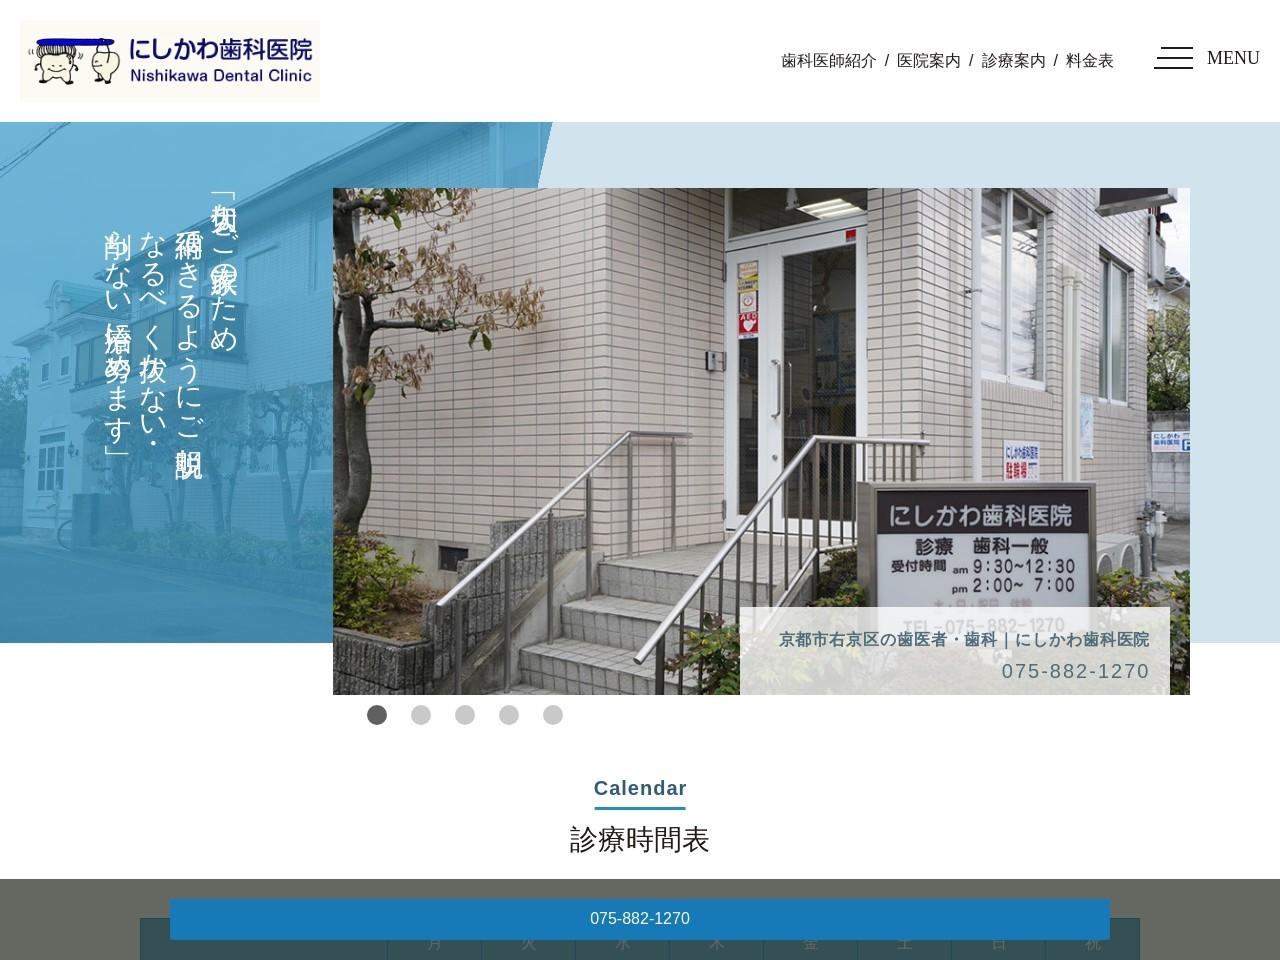 にしかわ歯科医院 (京都府京都市右京区)